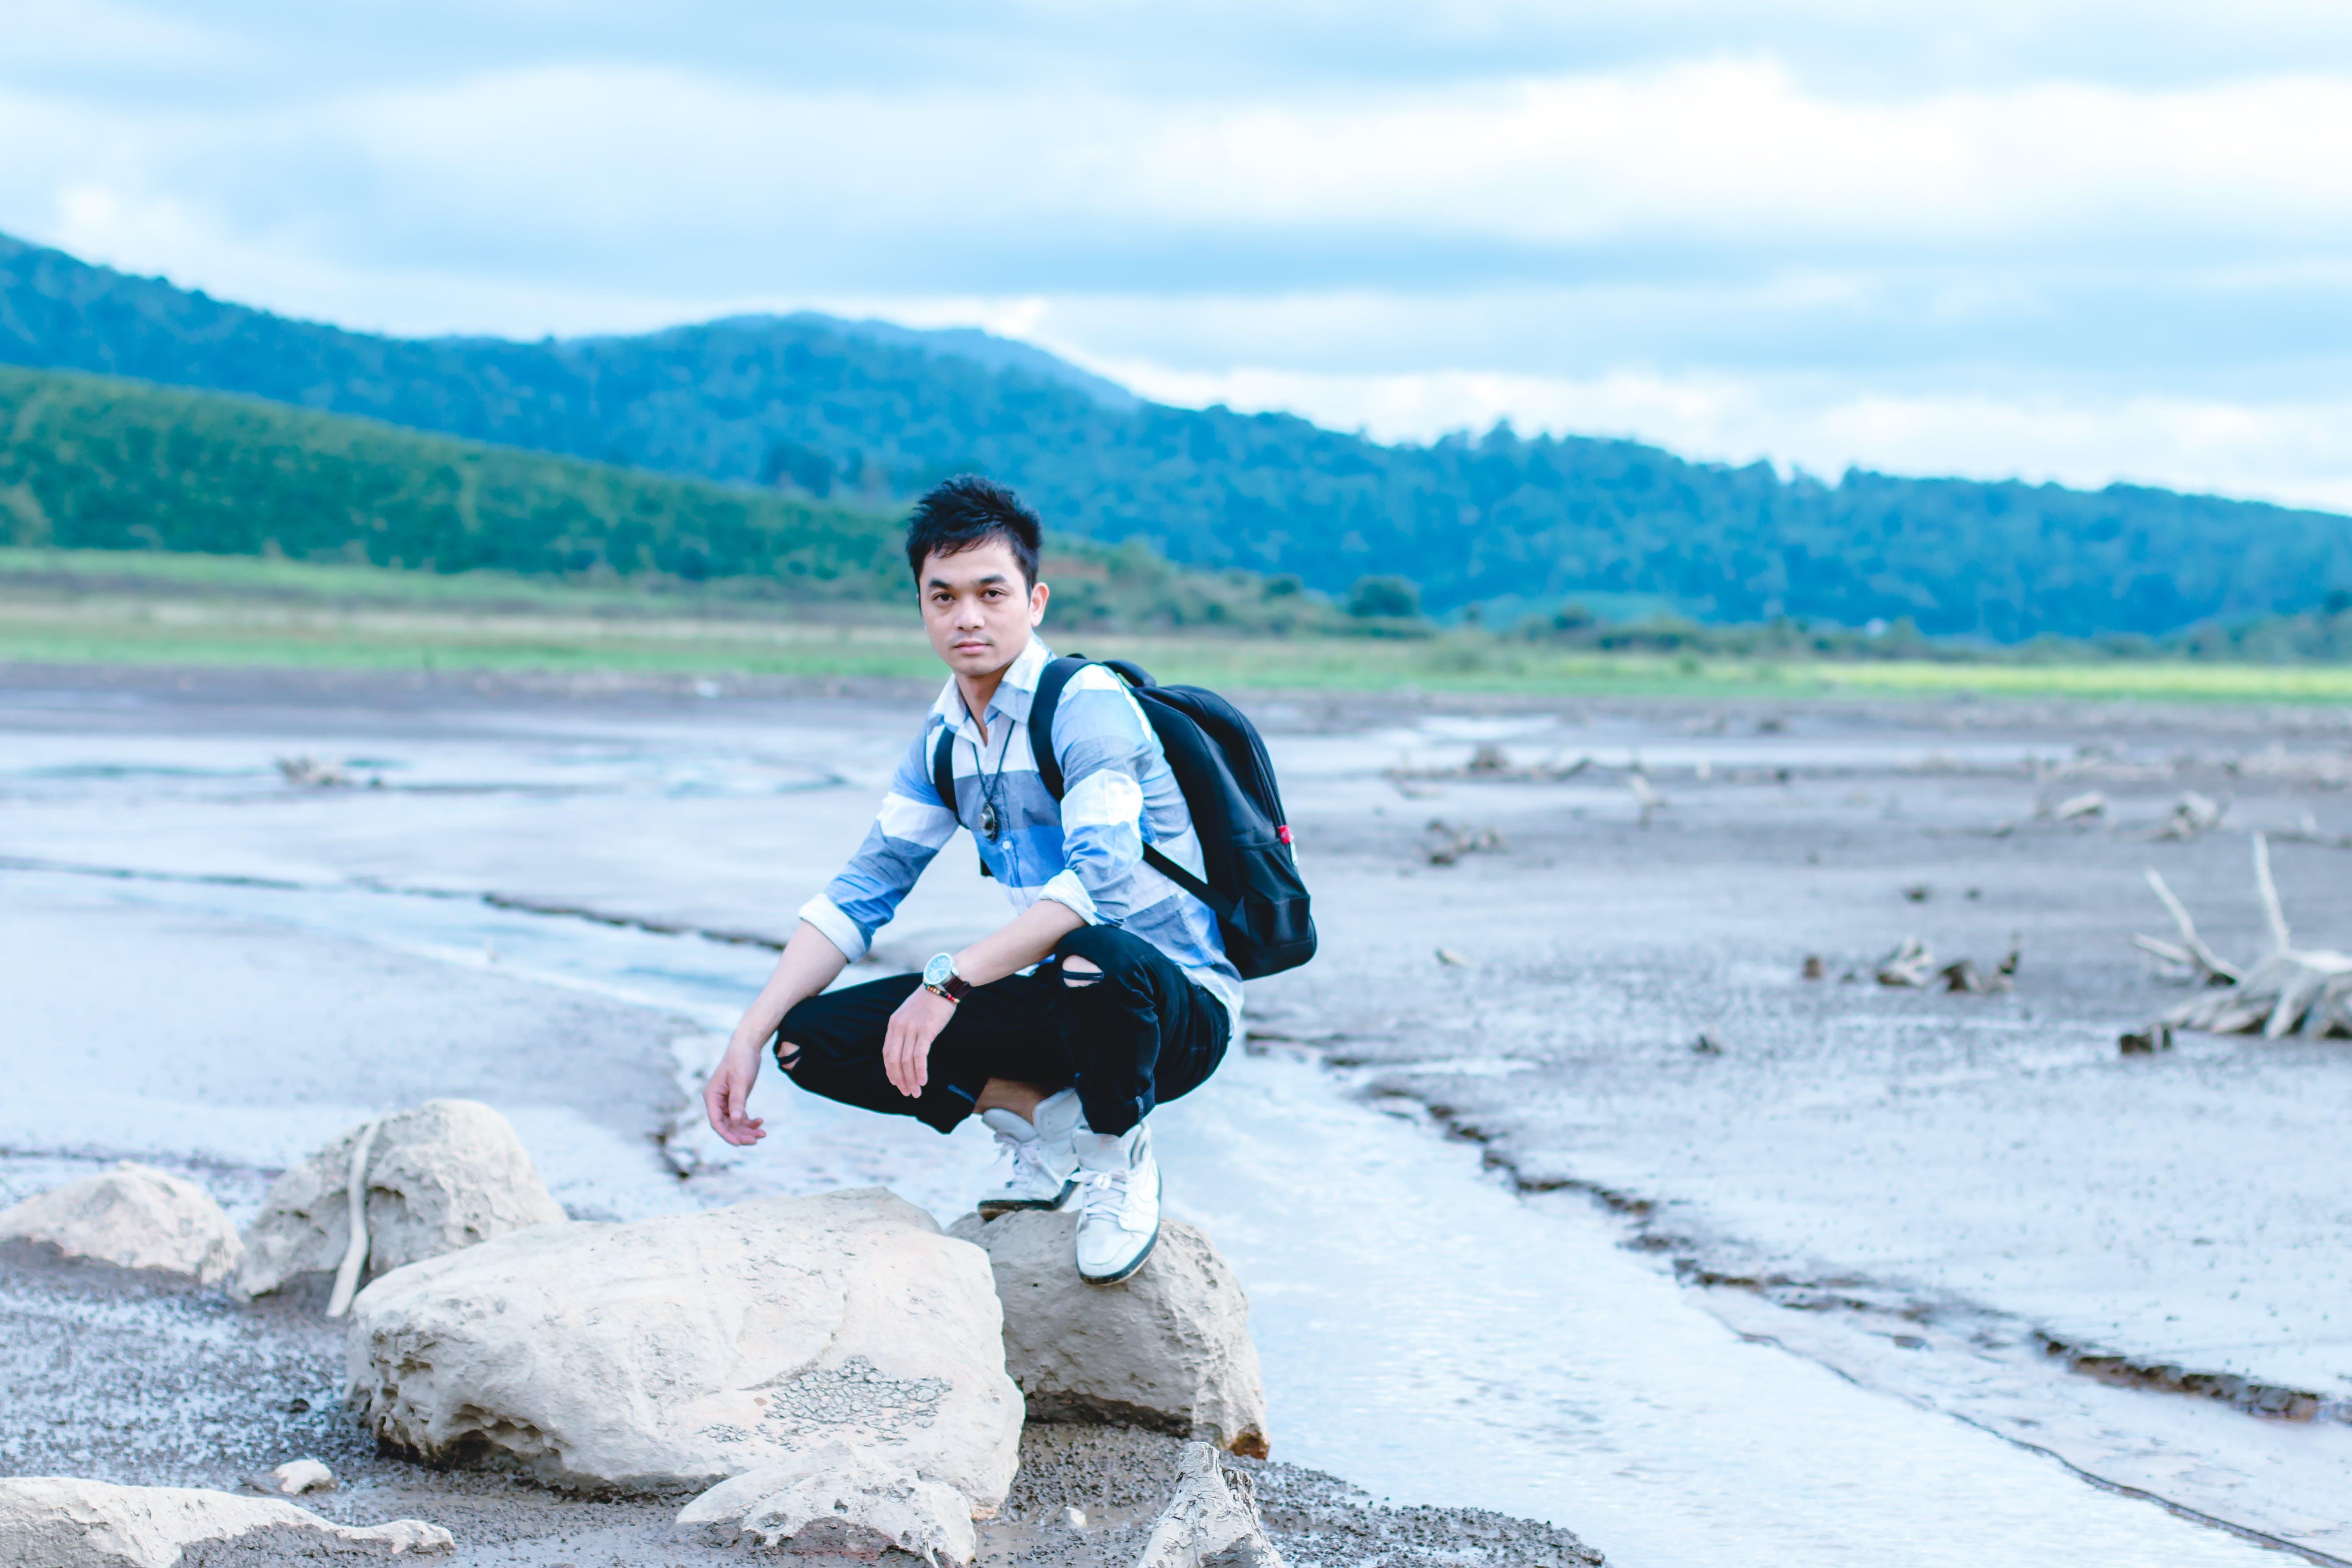 Man on Gray Rock Beside Body of Water